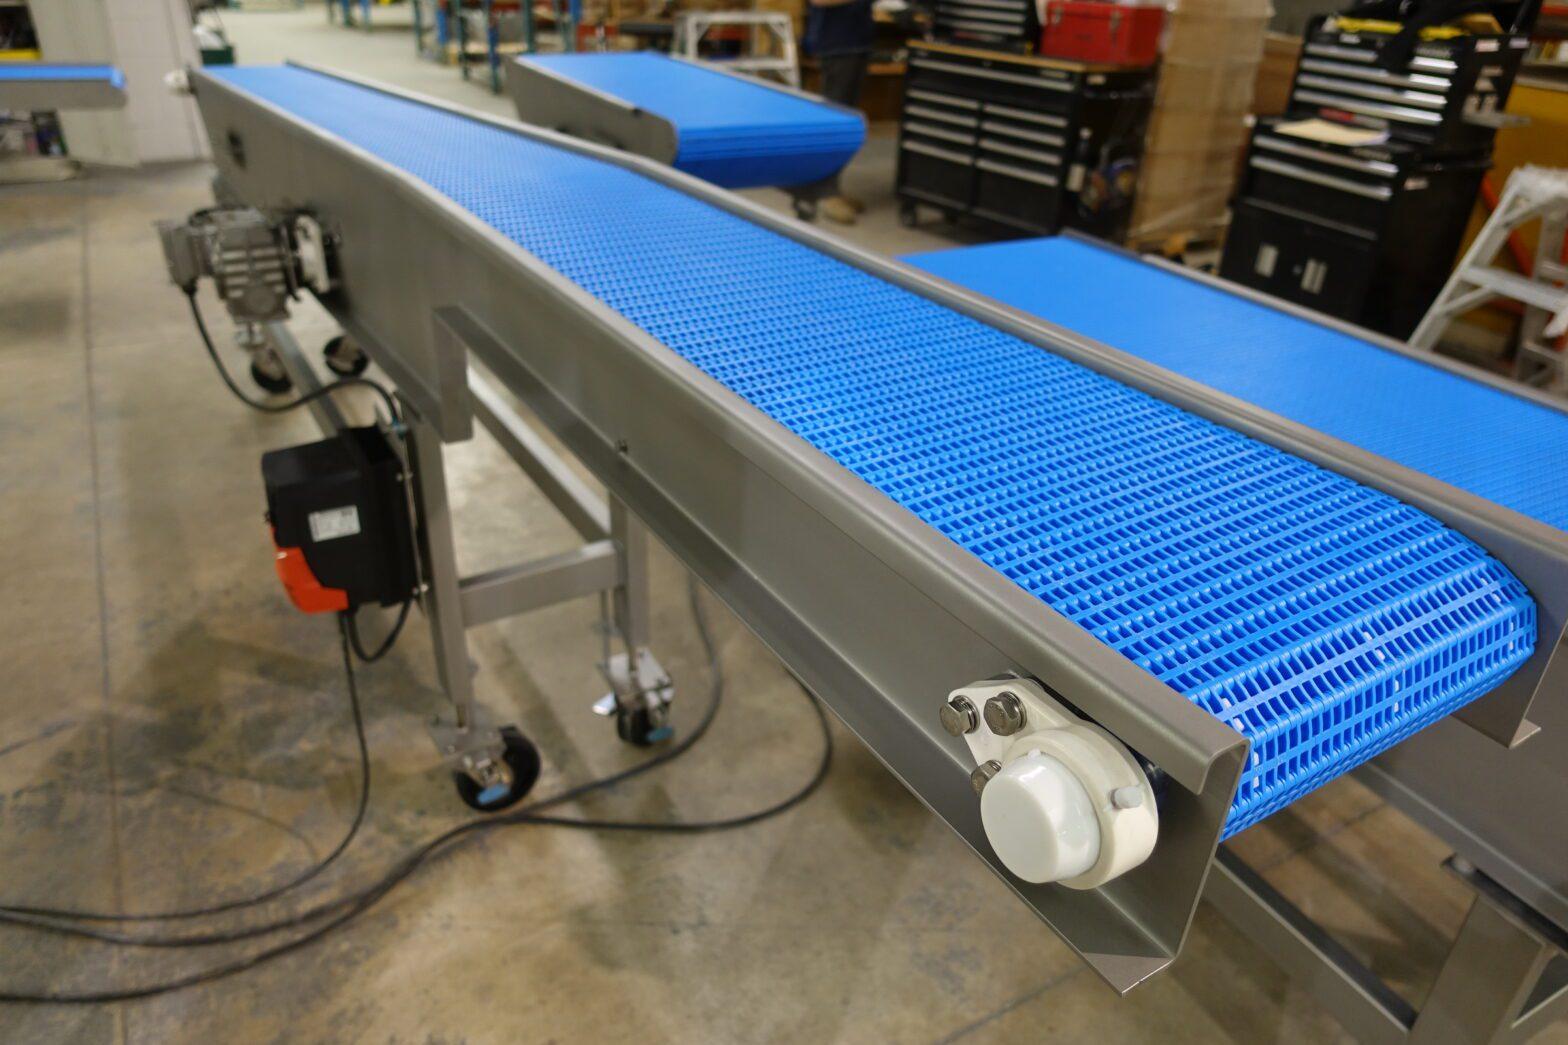 SpanTech conveyors